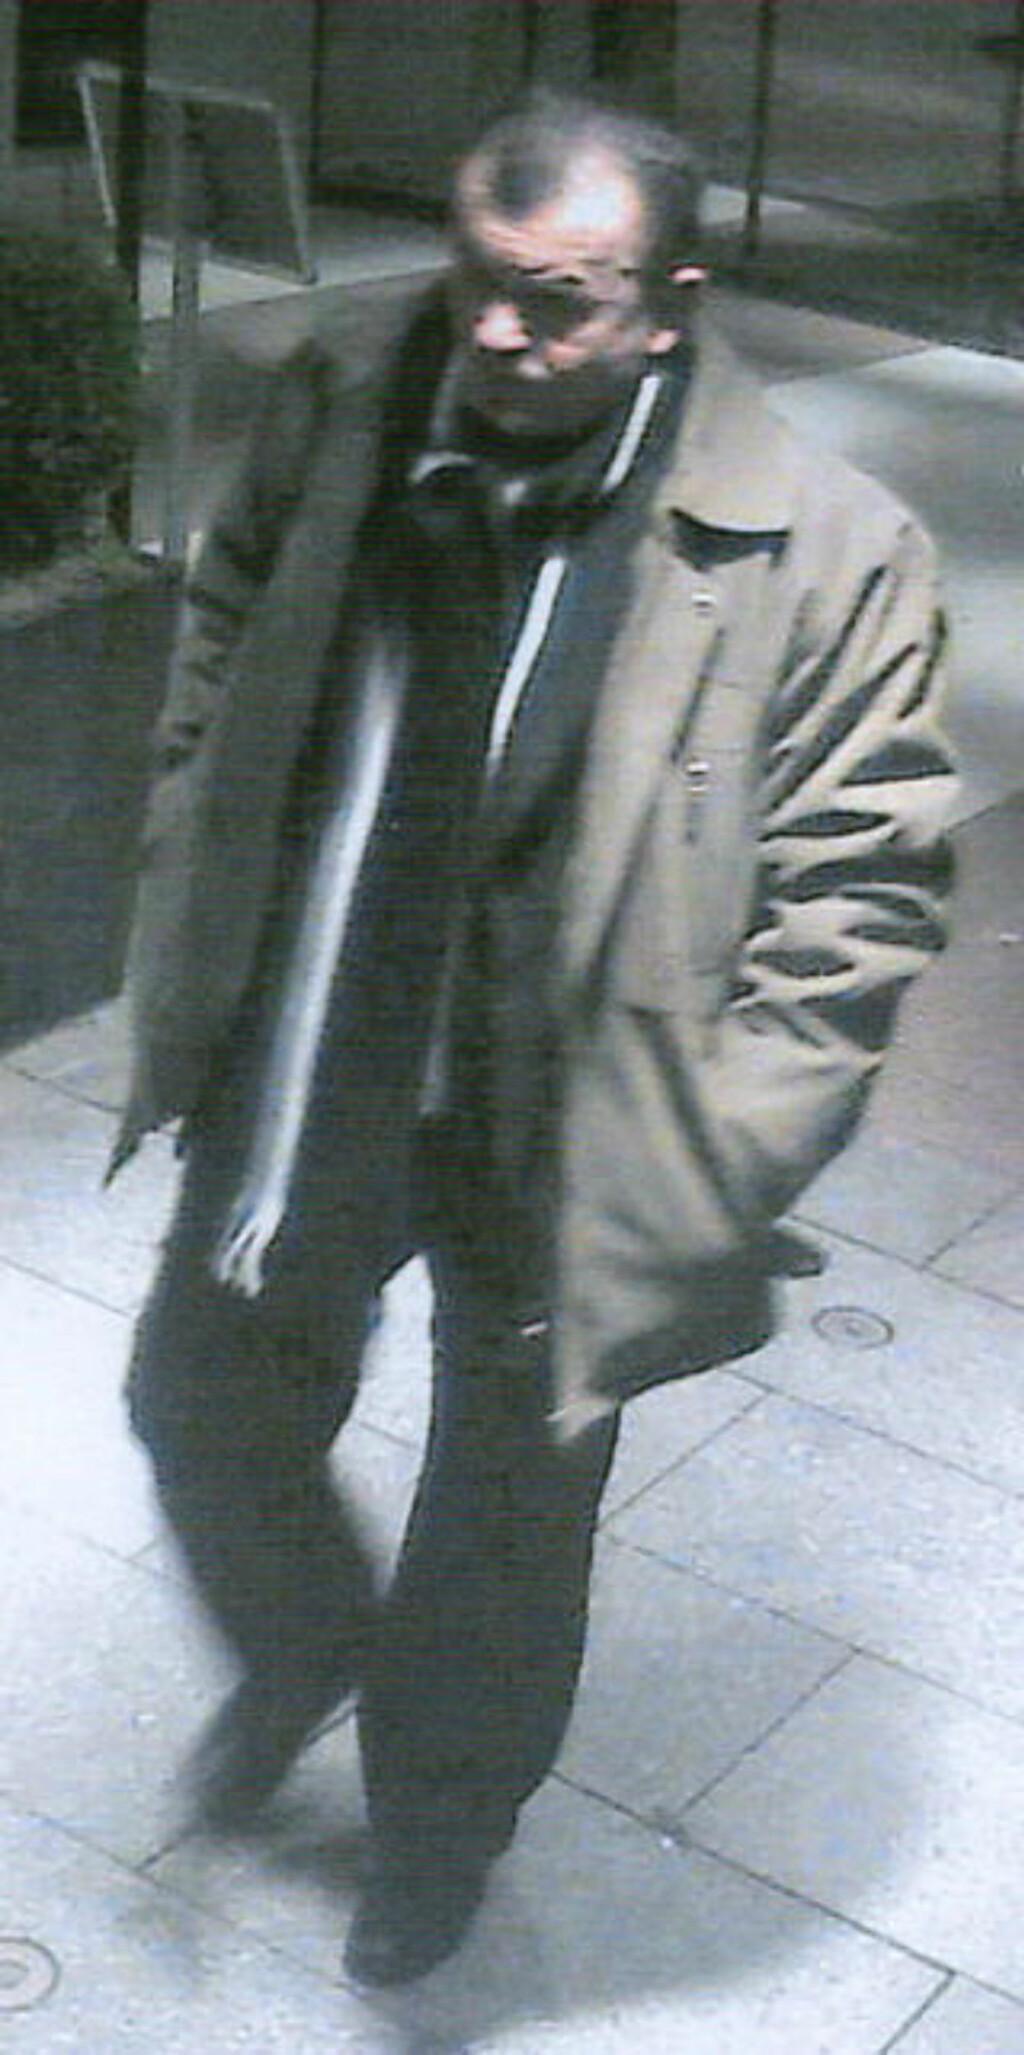 FORLOT HOTELLET 21.15: Politiet anslår at Vera Vildmyren ble drept cirka klokka 20.00 mandag kveld. Foto: Dansk politi